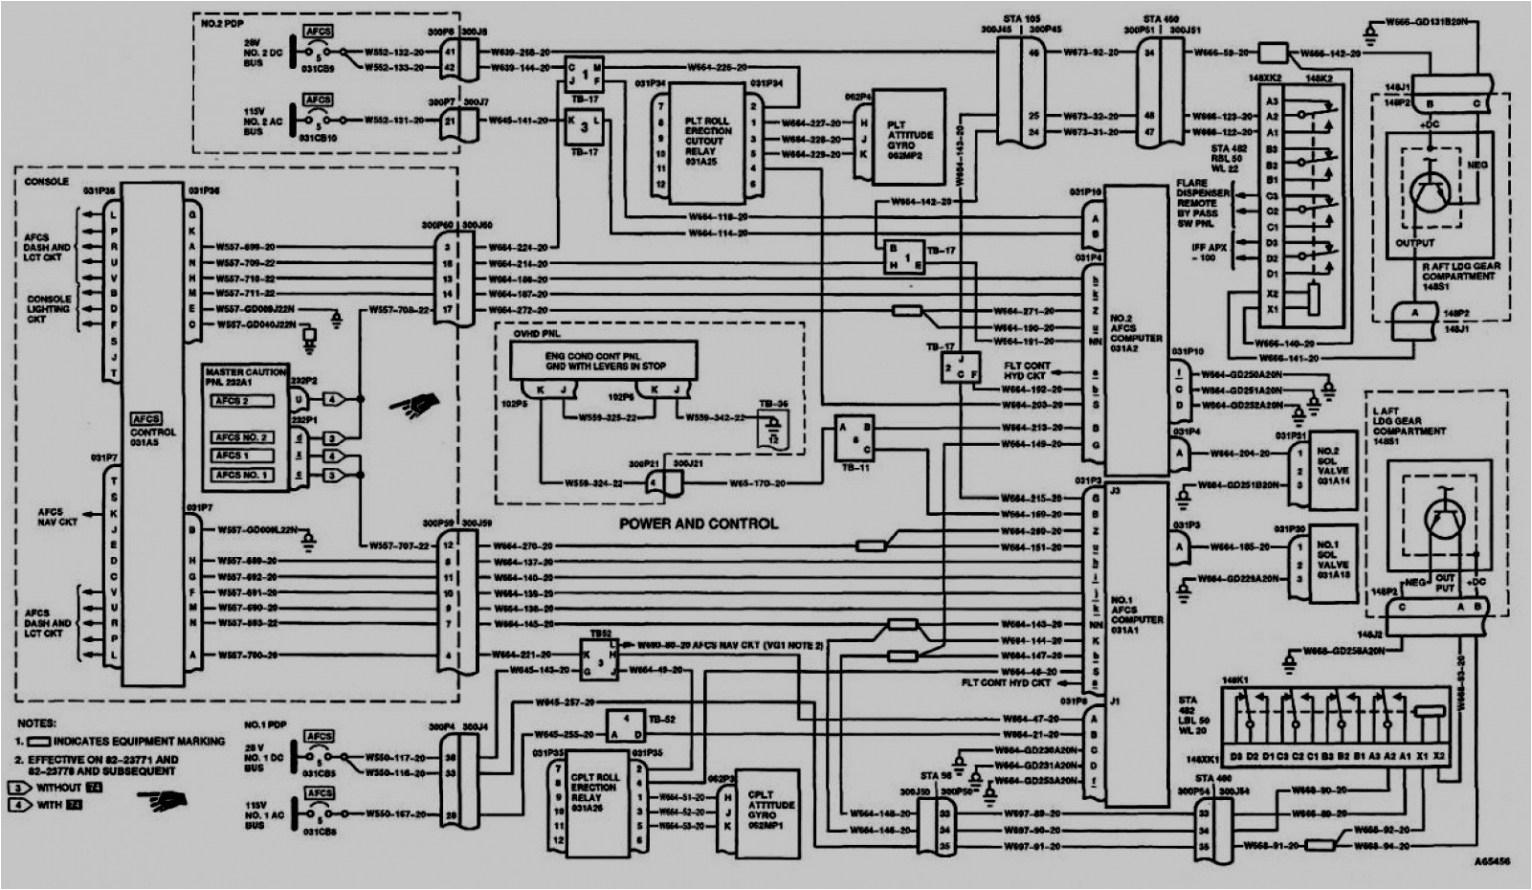 deski top pc computer wiring schematic wiring diagram var pc 030 1b wiring diagram